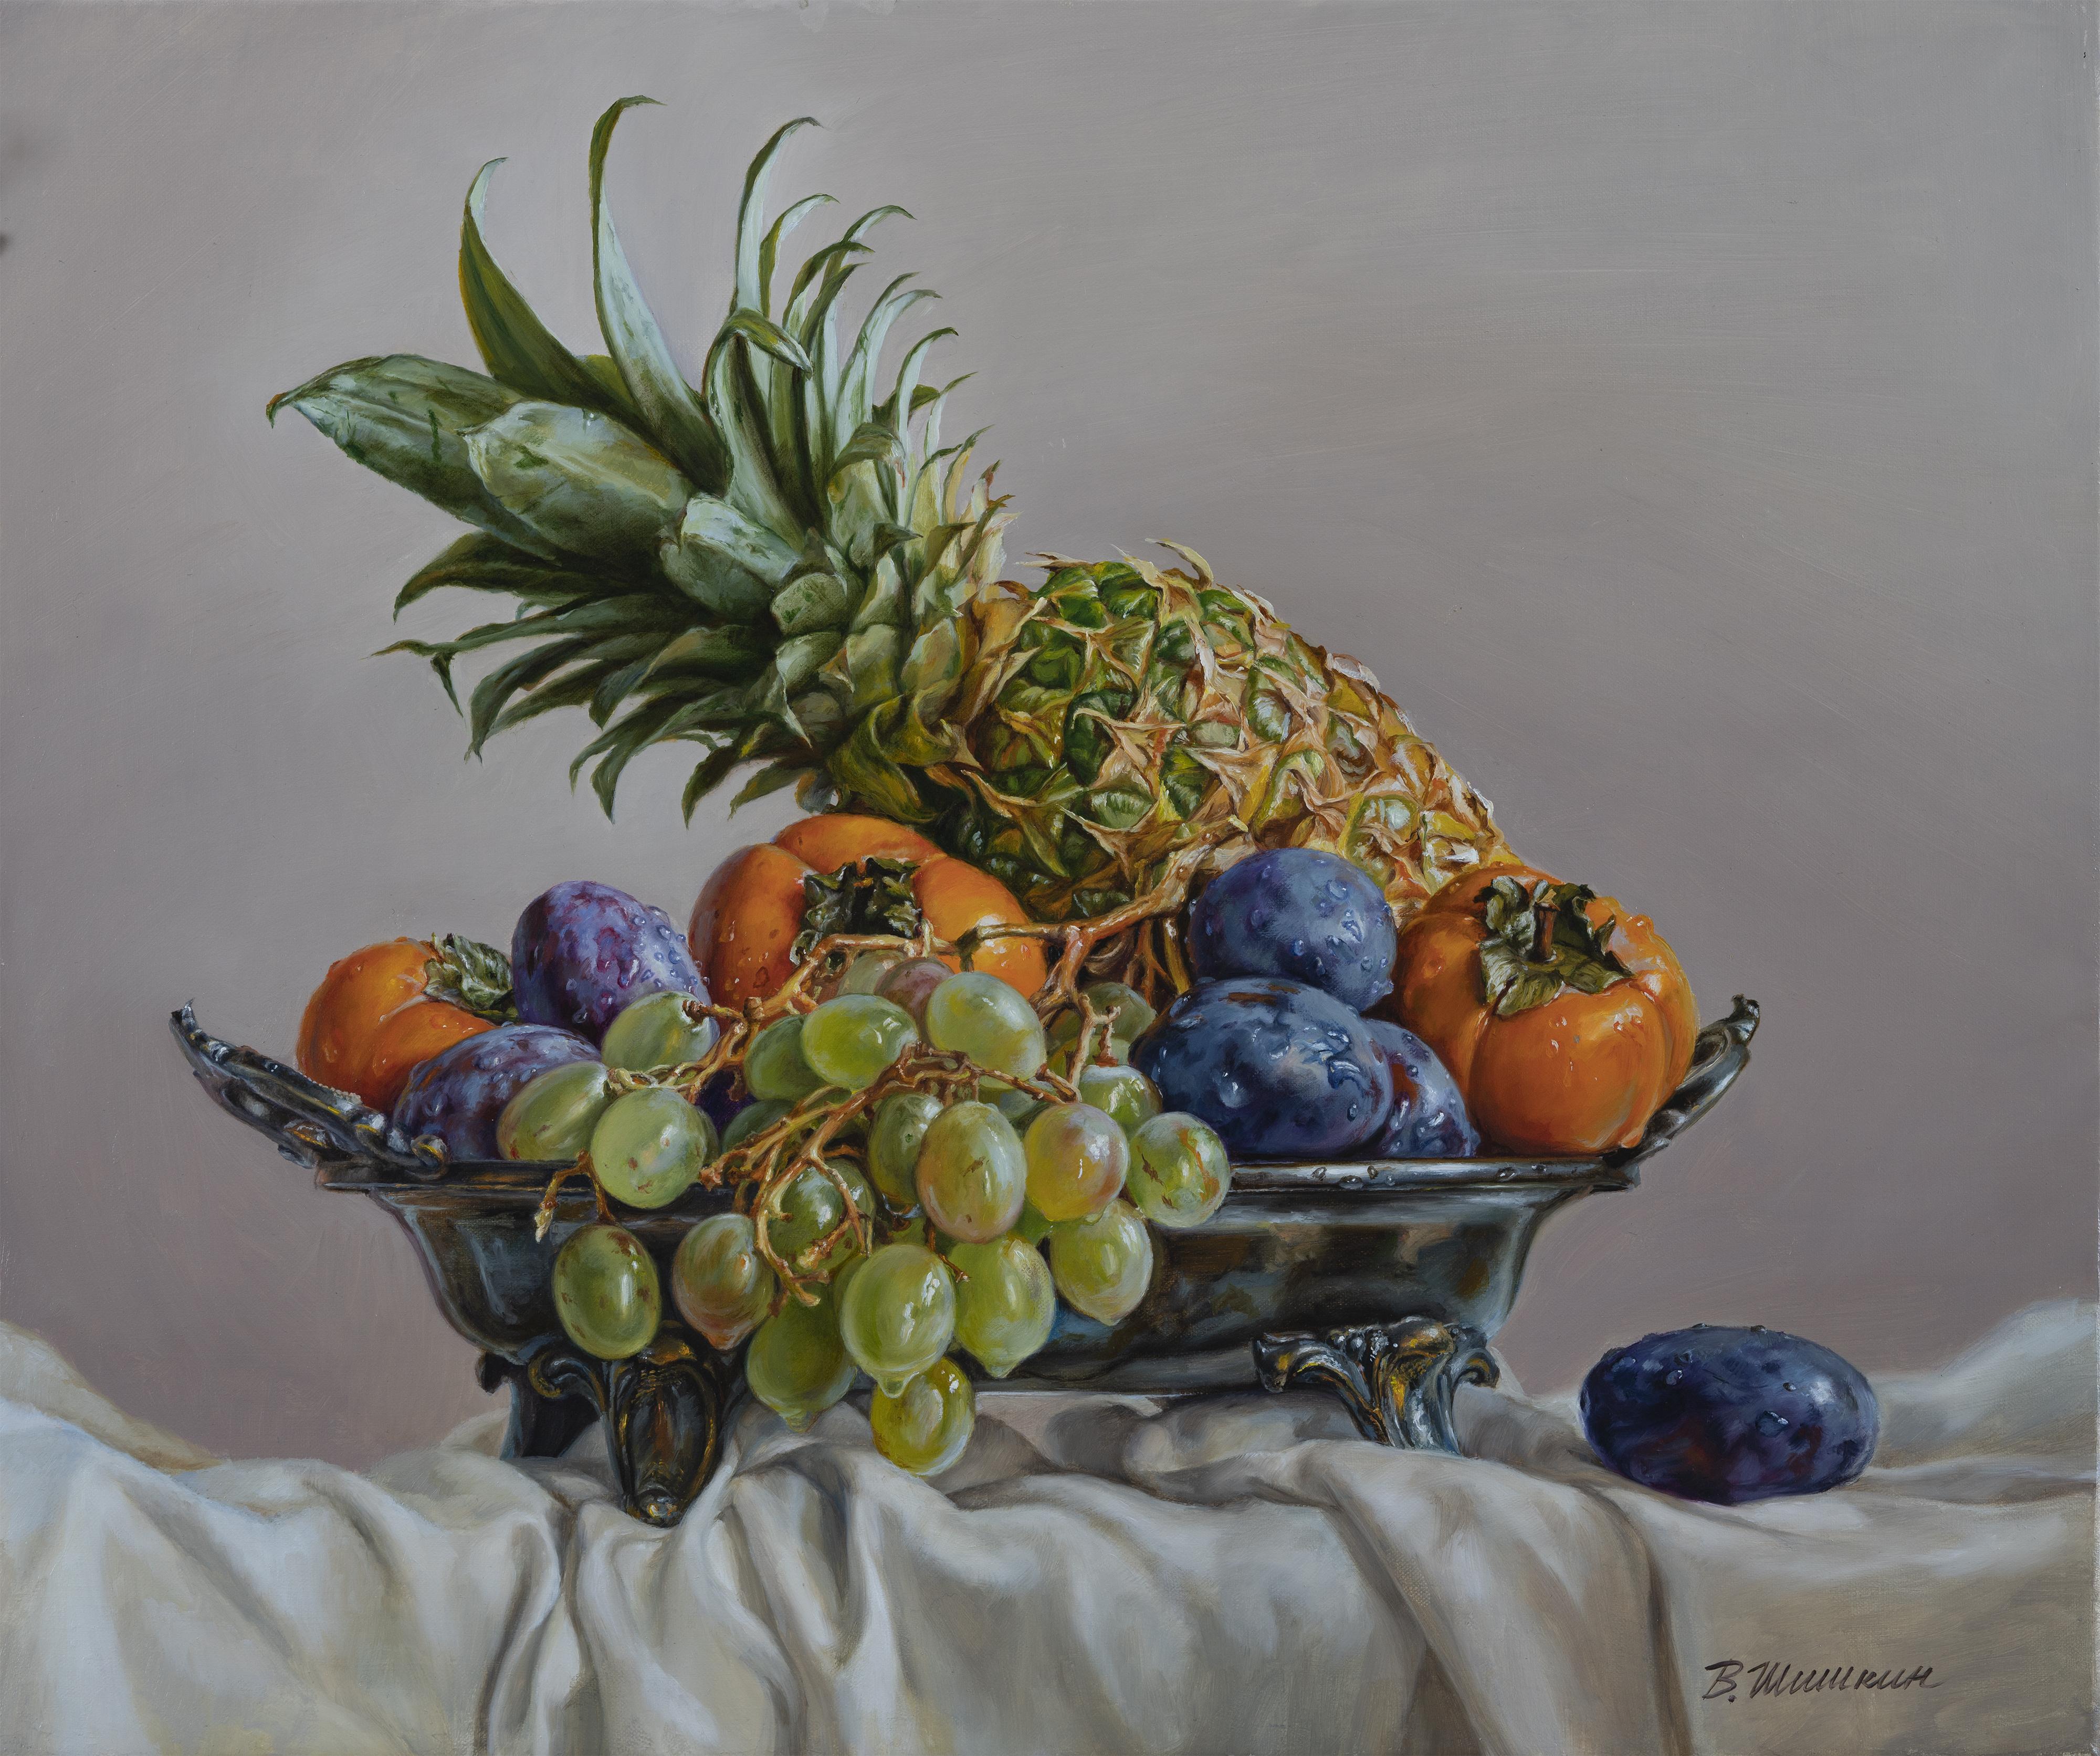 Fruit in a vase